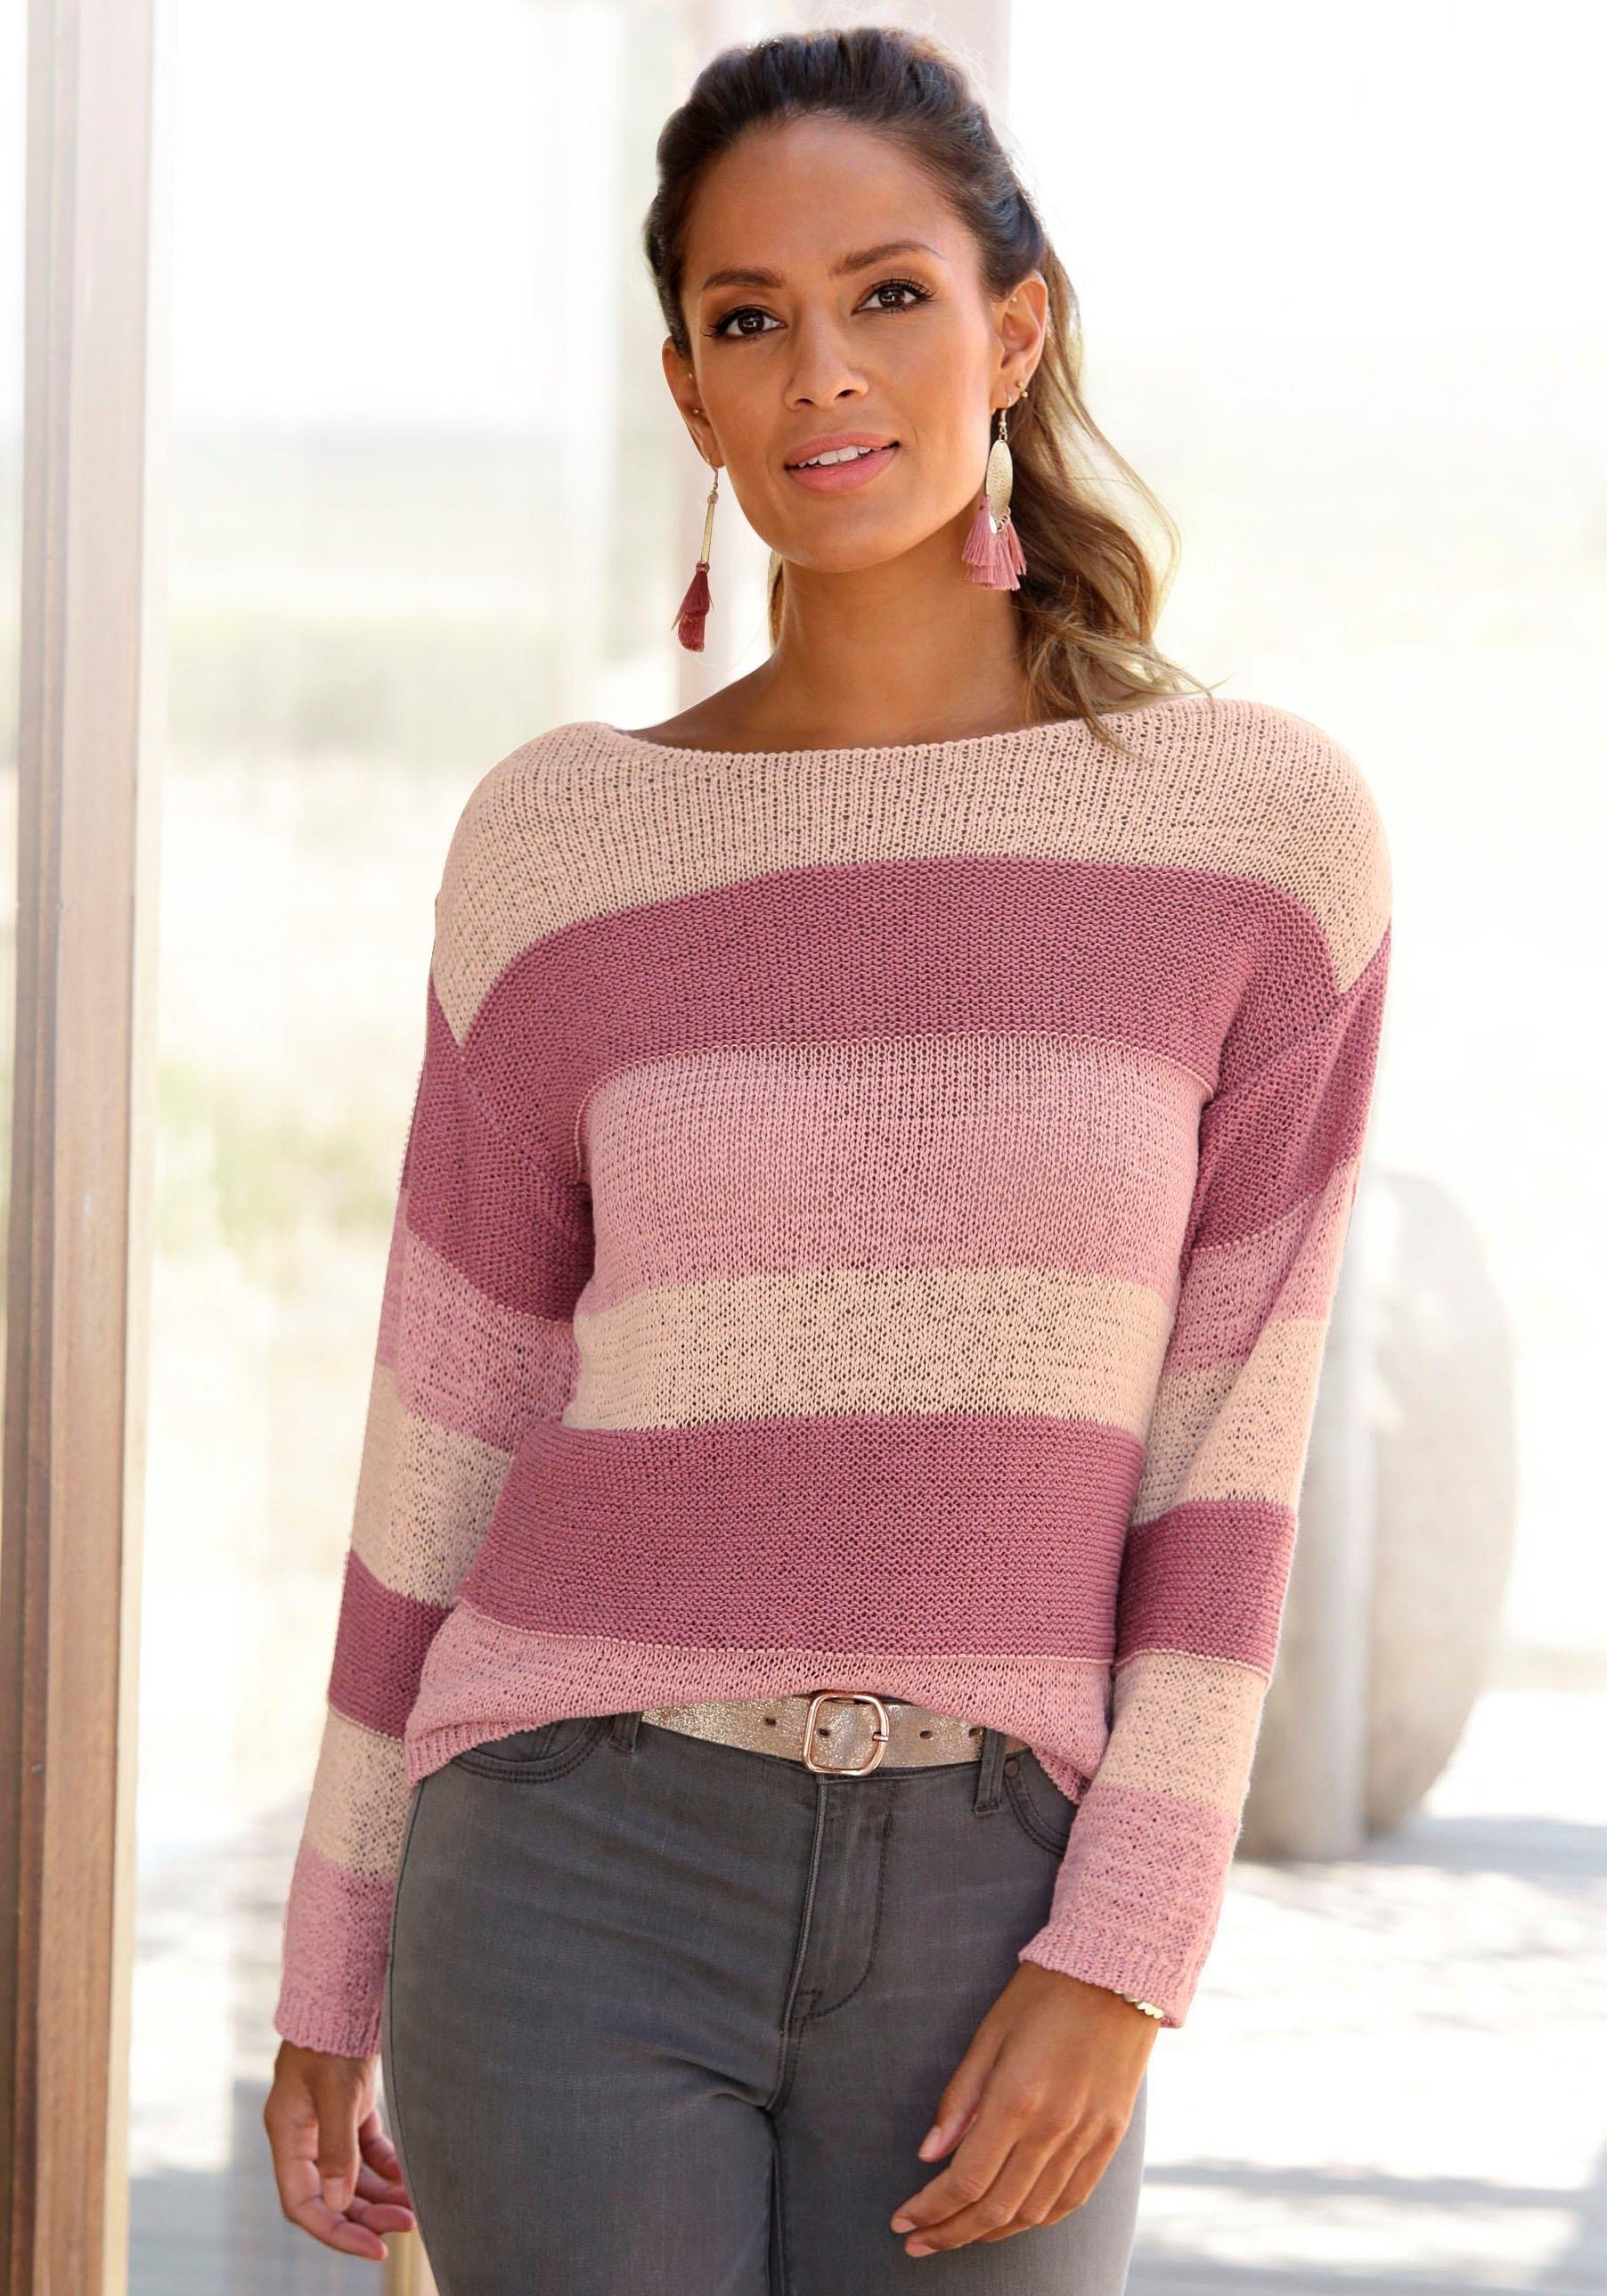 Lascana gestreepte trui gemaakt van lintgaren online kopen op lascana.nl